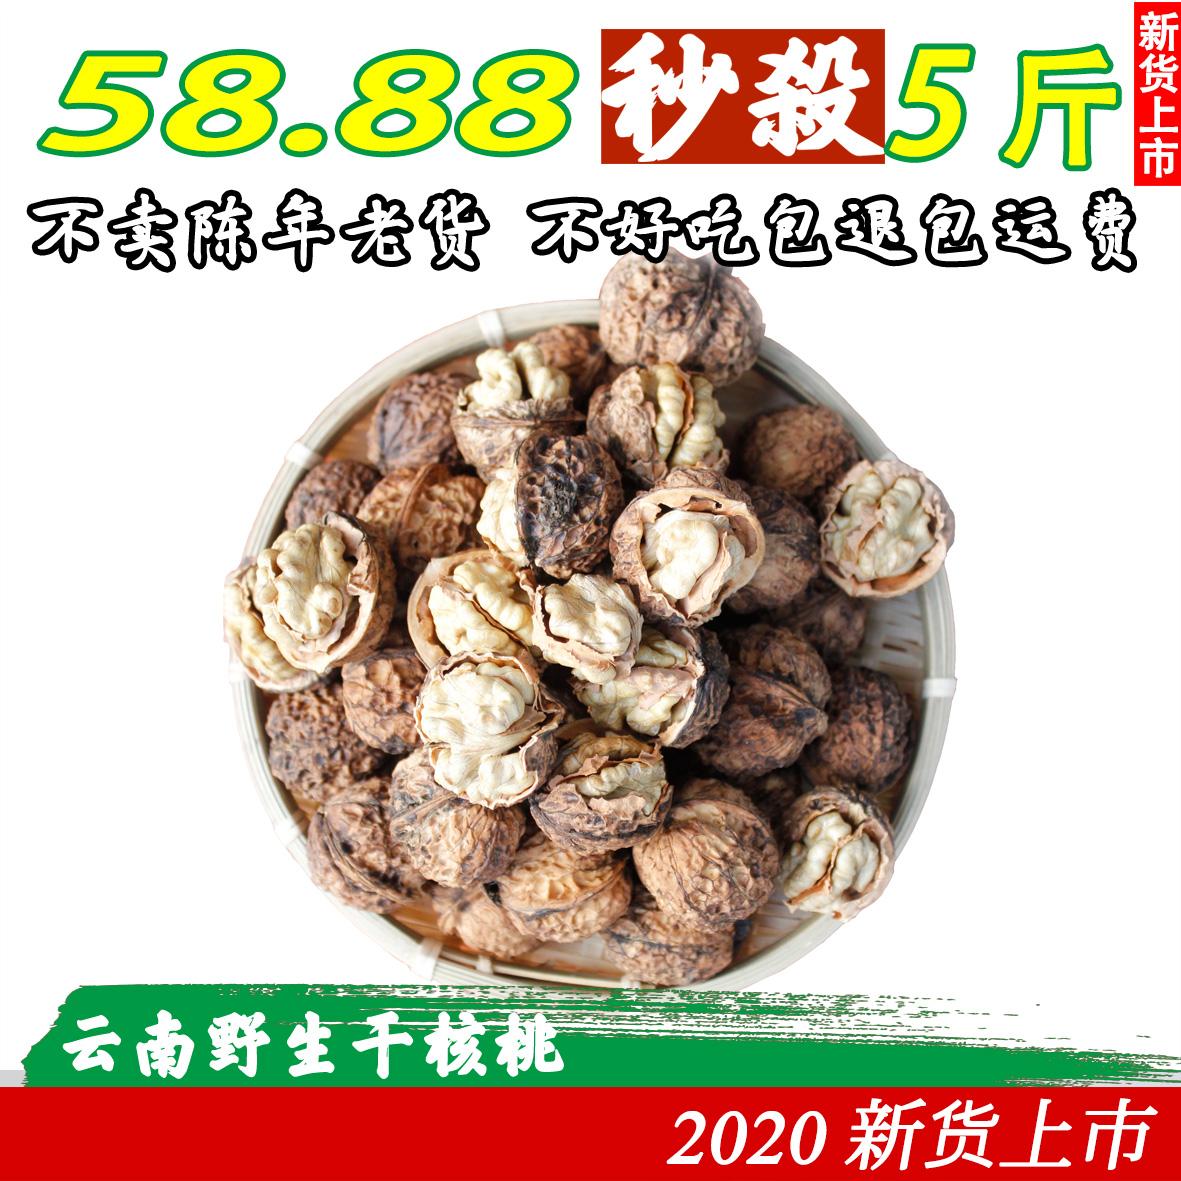 雲南のクルミの5斤のばら売りの野生の古い木の紙の皮の元の味の丑いクルミの皮の薄い2019年の新しい商品の妊婦のクルミ